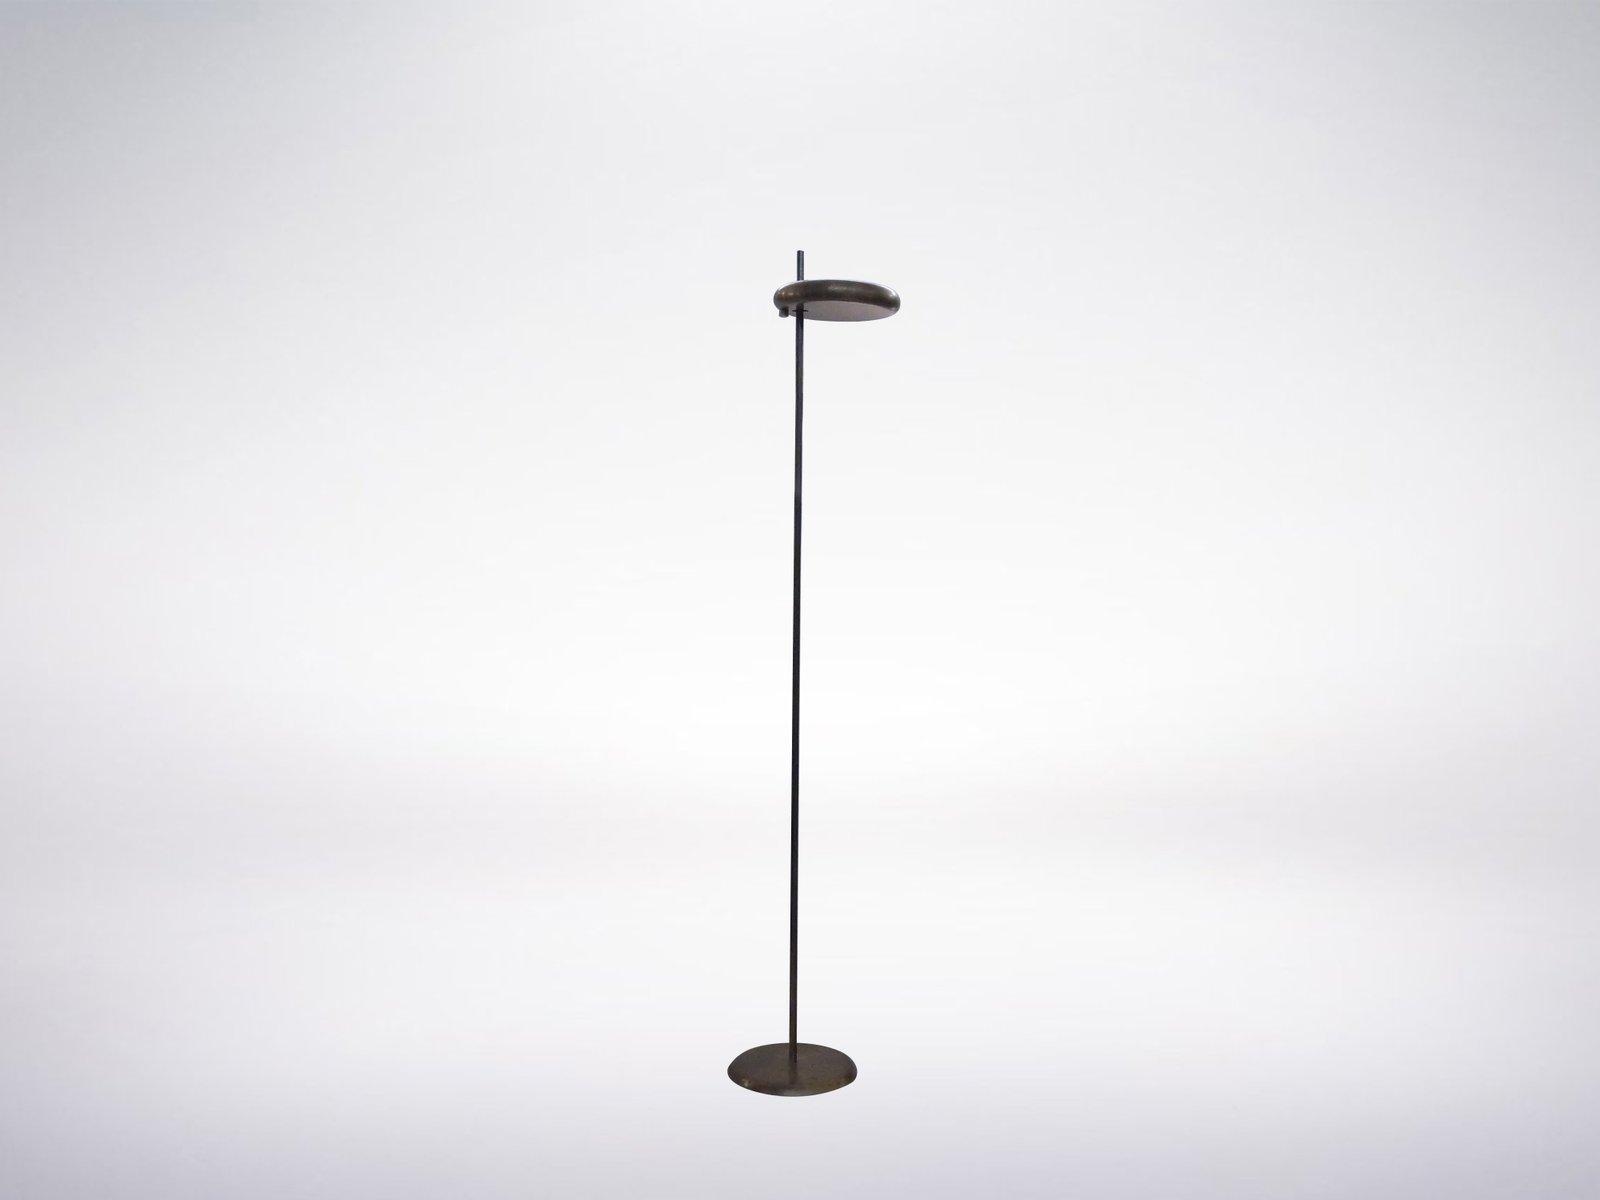 Geometrische Stehlampe mit scheibenförmiger Leuchte, 1950er